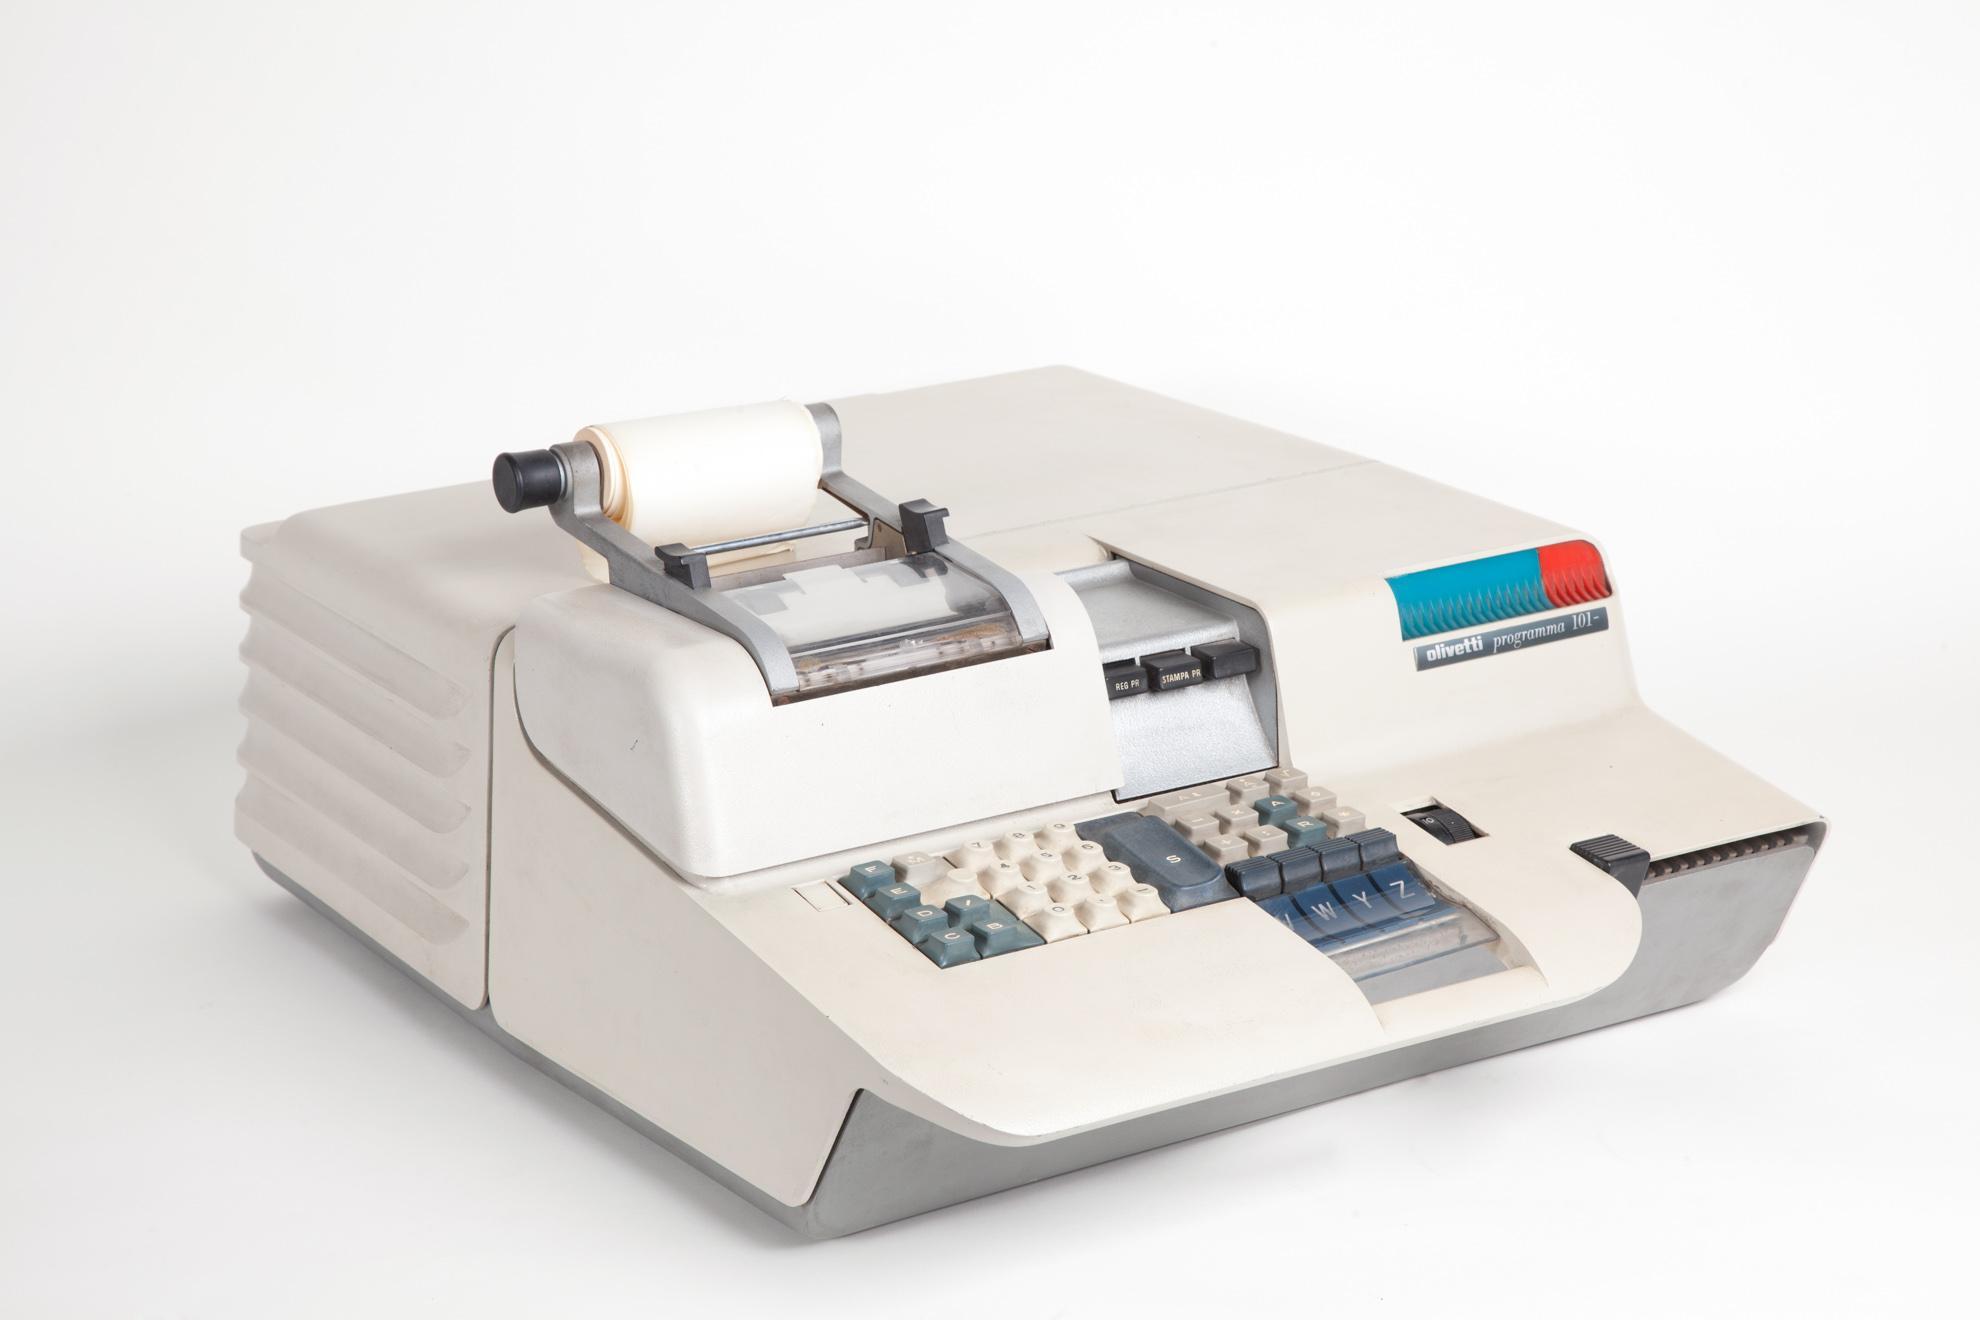 Olivetti_Programma_101_-_Museo_scienza_e_tecnologia_Milano-1536788815370-1536788818071.jpg